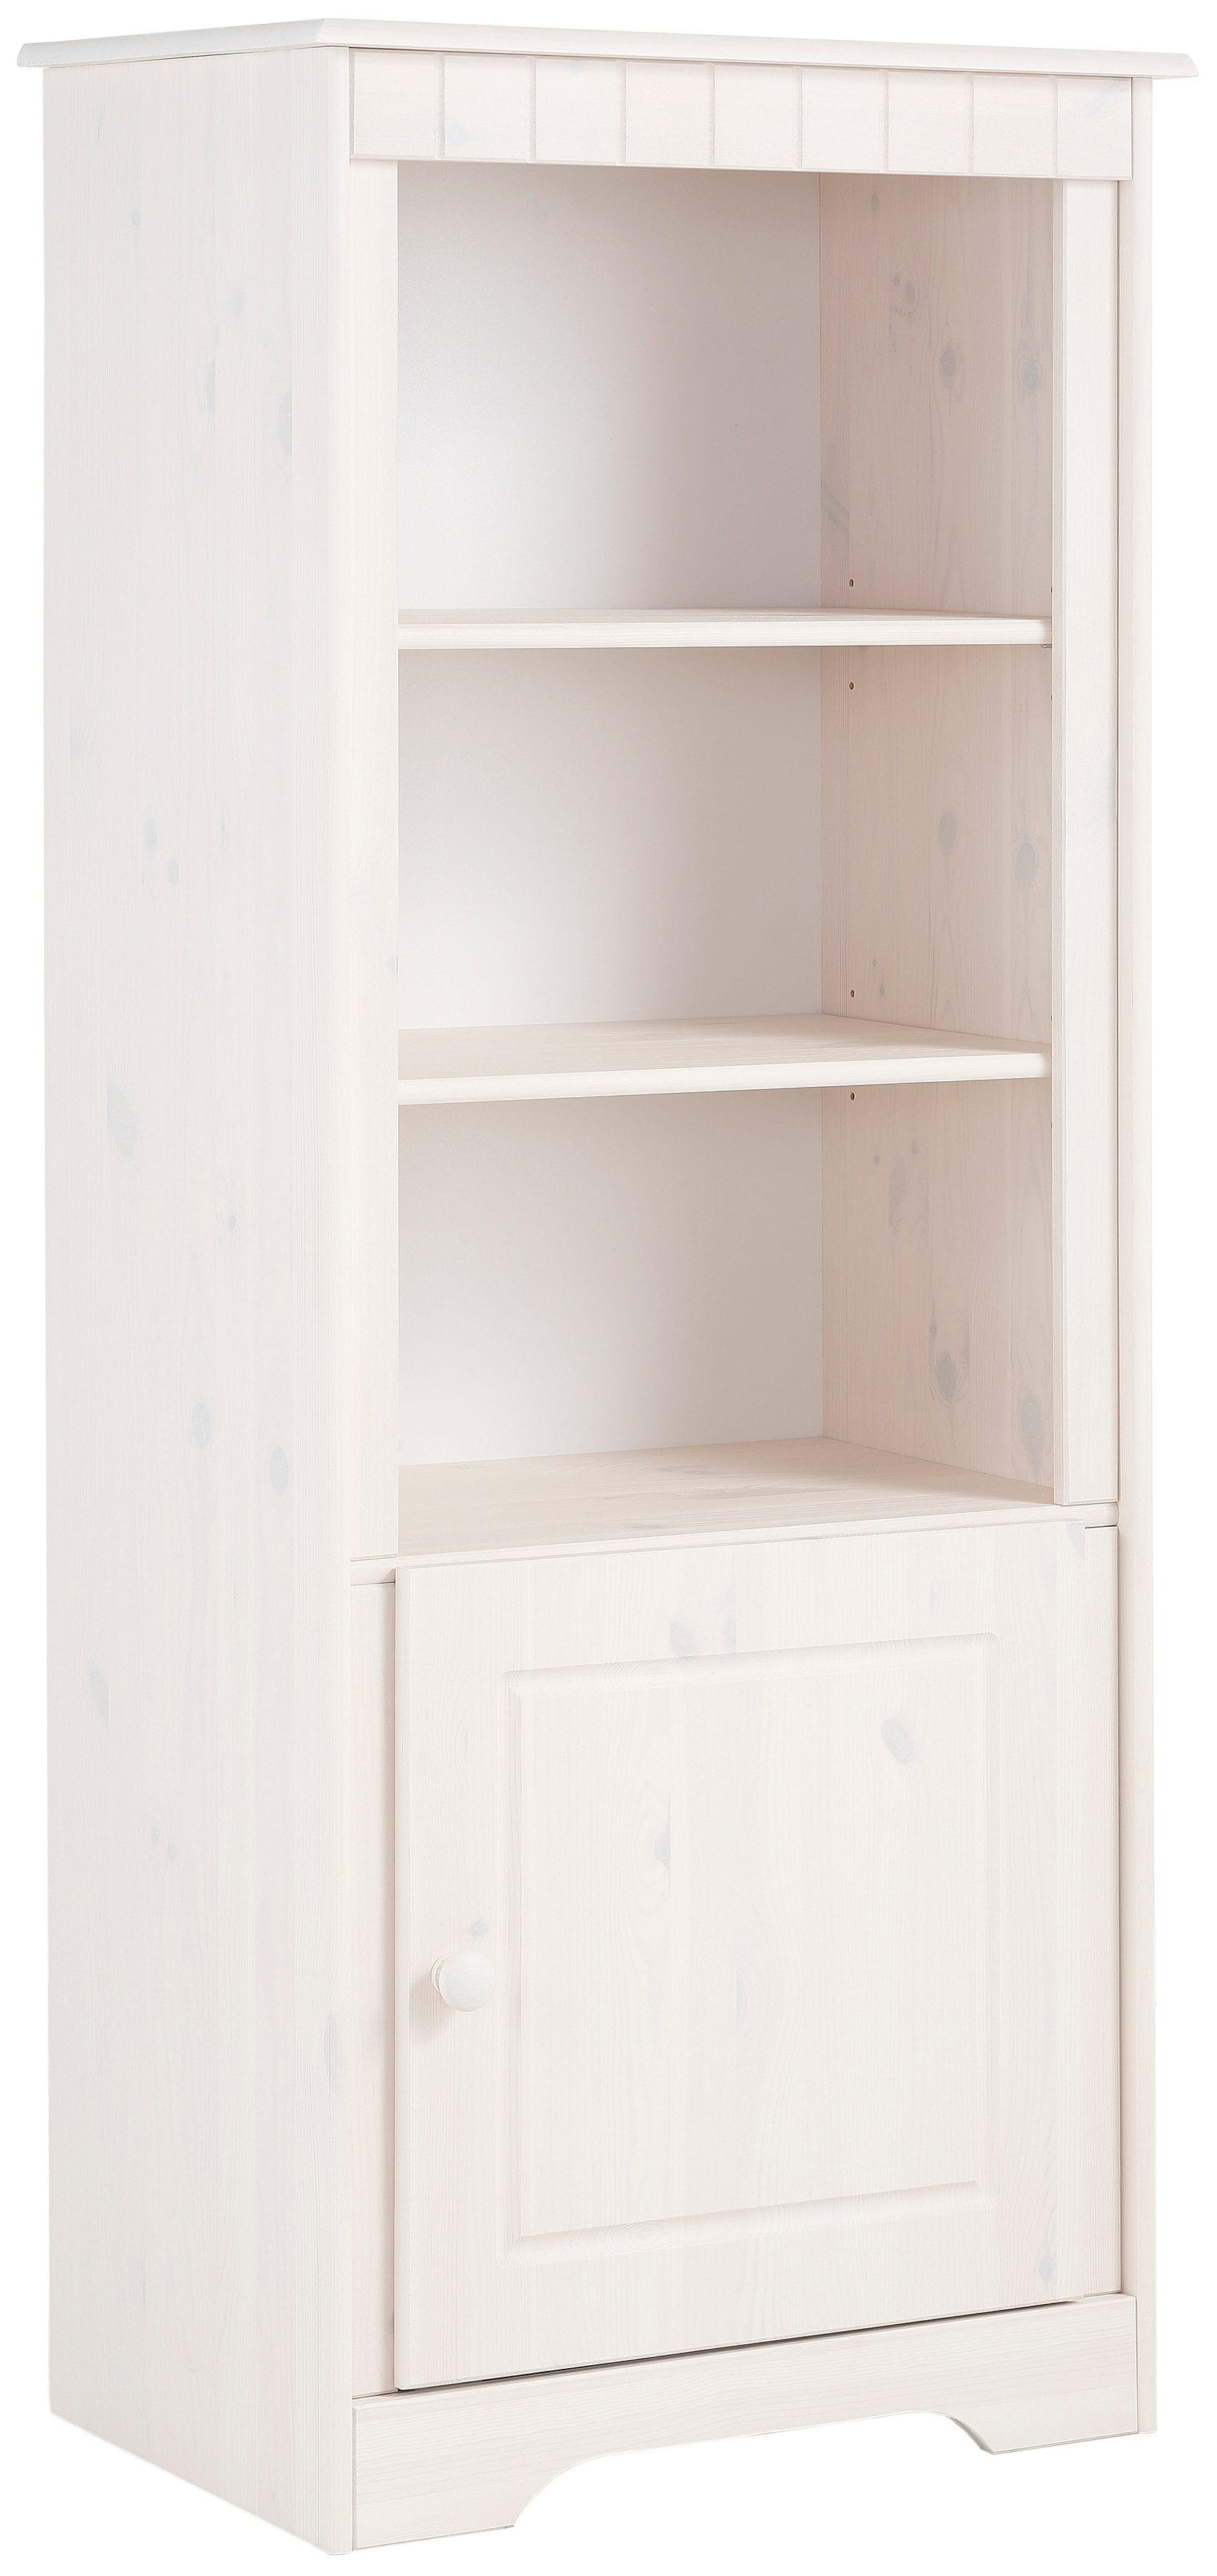 regal metall 60 cm breite preisvergleich die besten angebote online kaufen. Black Bedroom Furniture Sets. Home Design Ideas